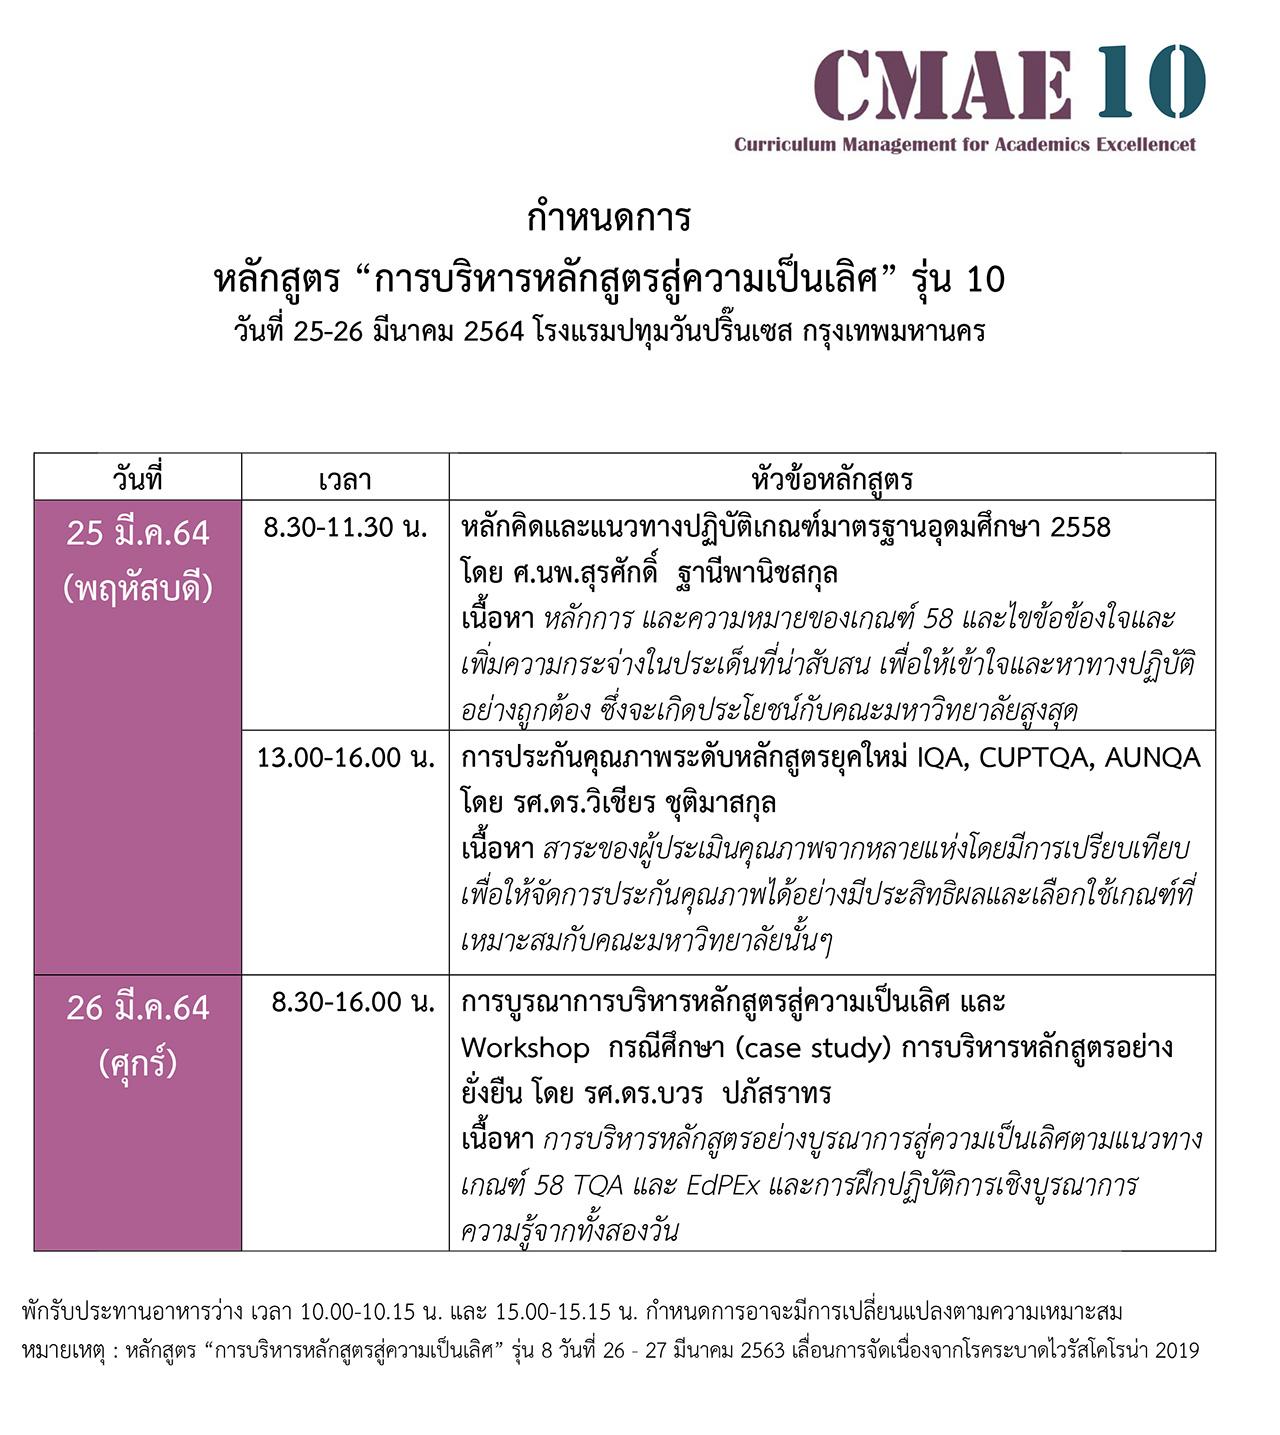 cmae10_agenda